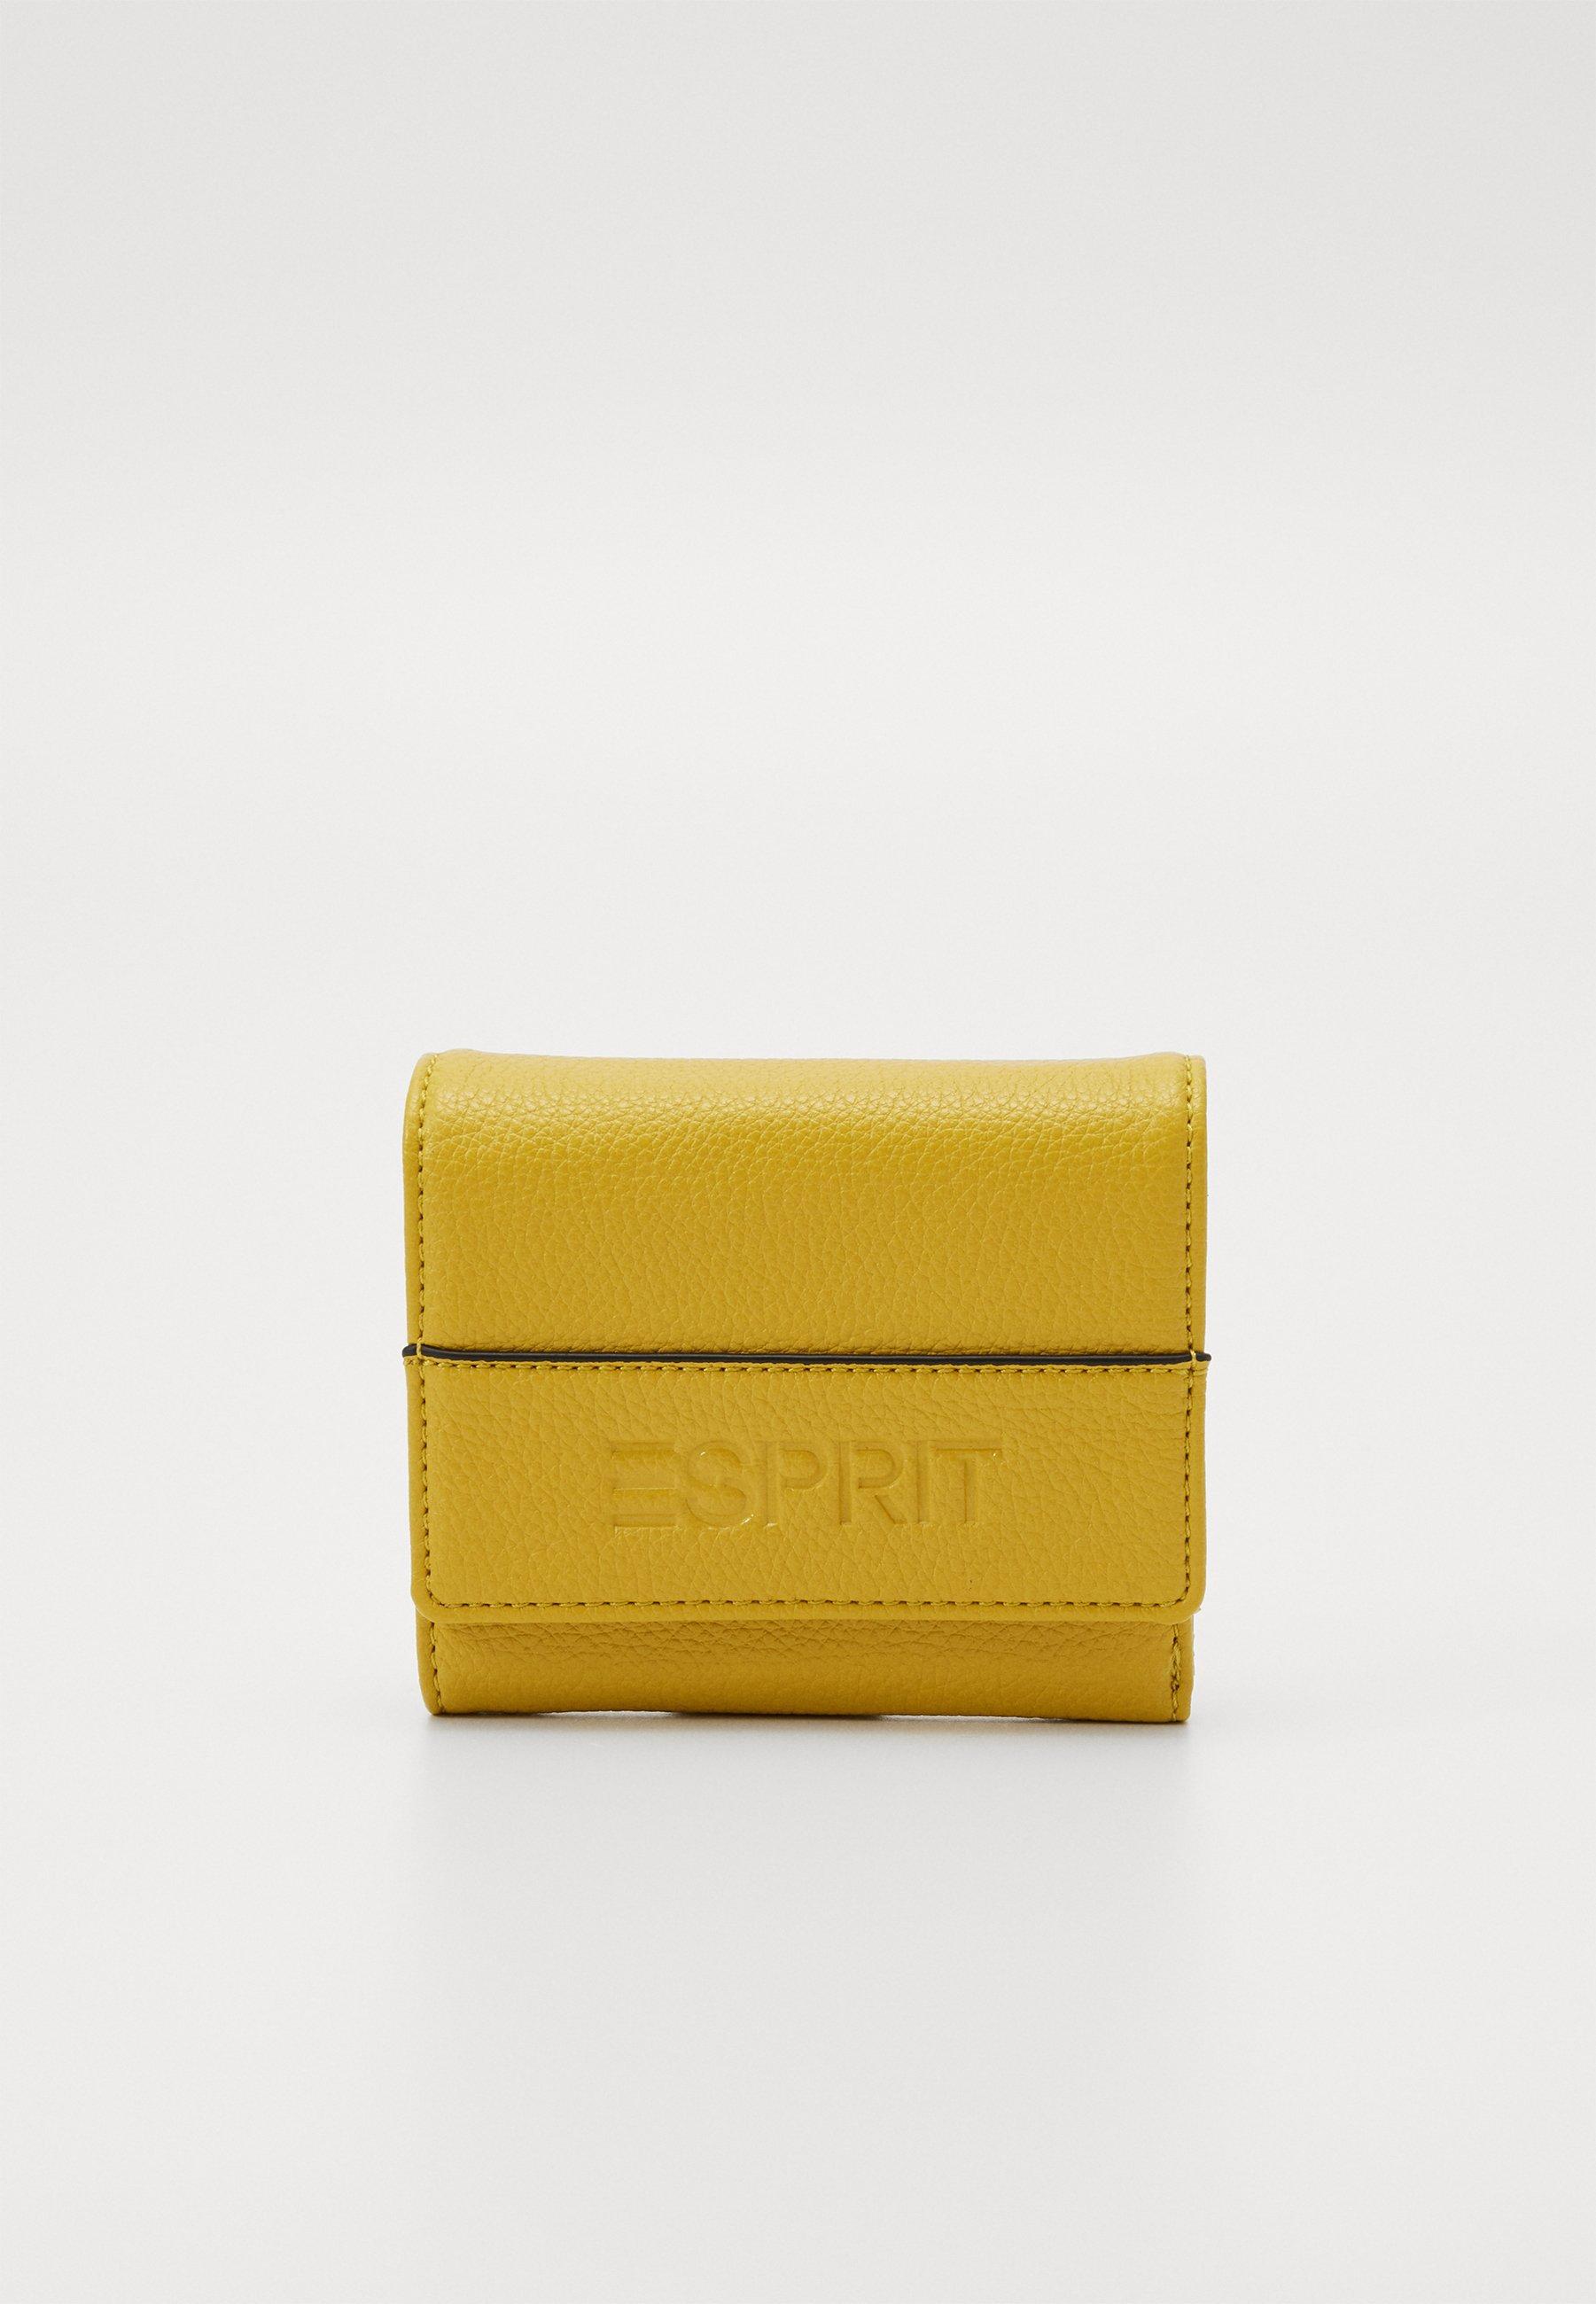 ESPRIT Fargo City Wallet Geldbörse Yellow Gelb Neu